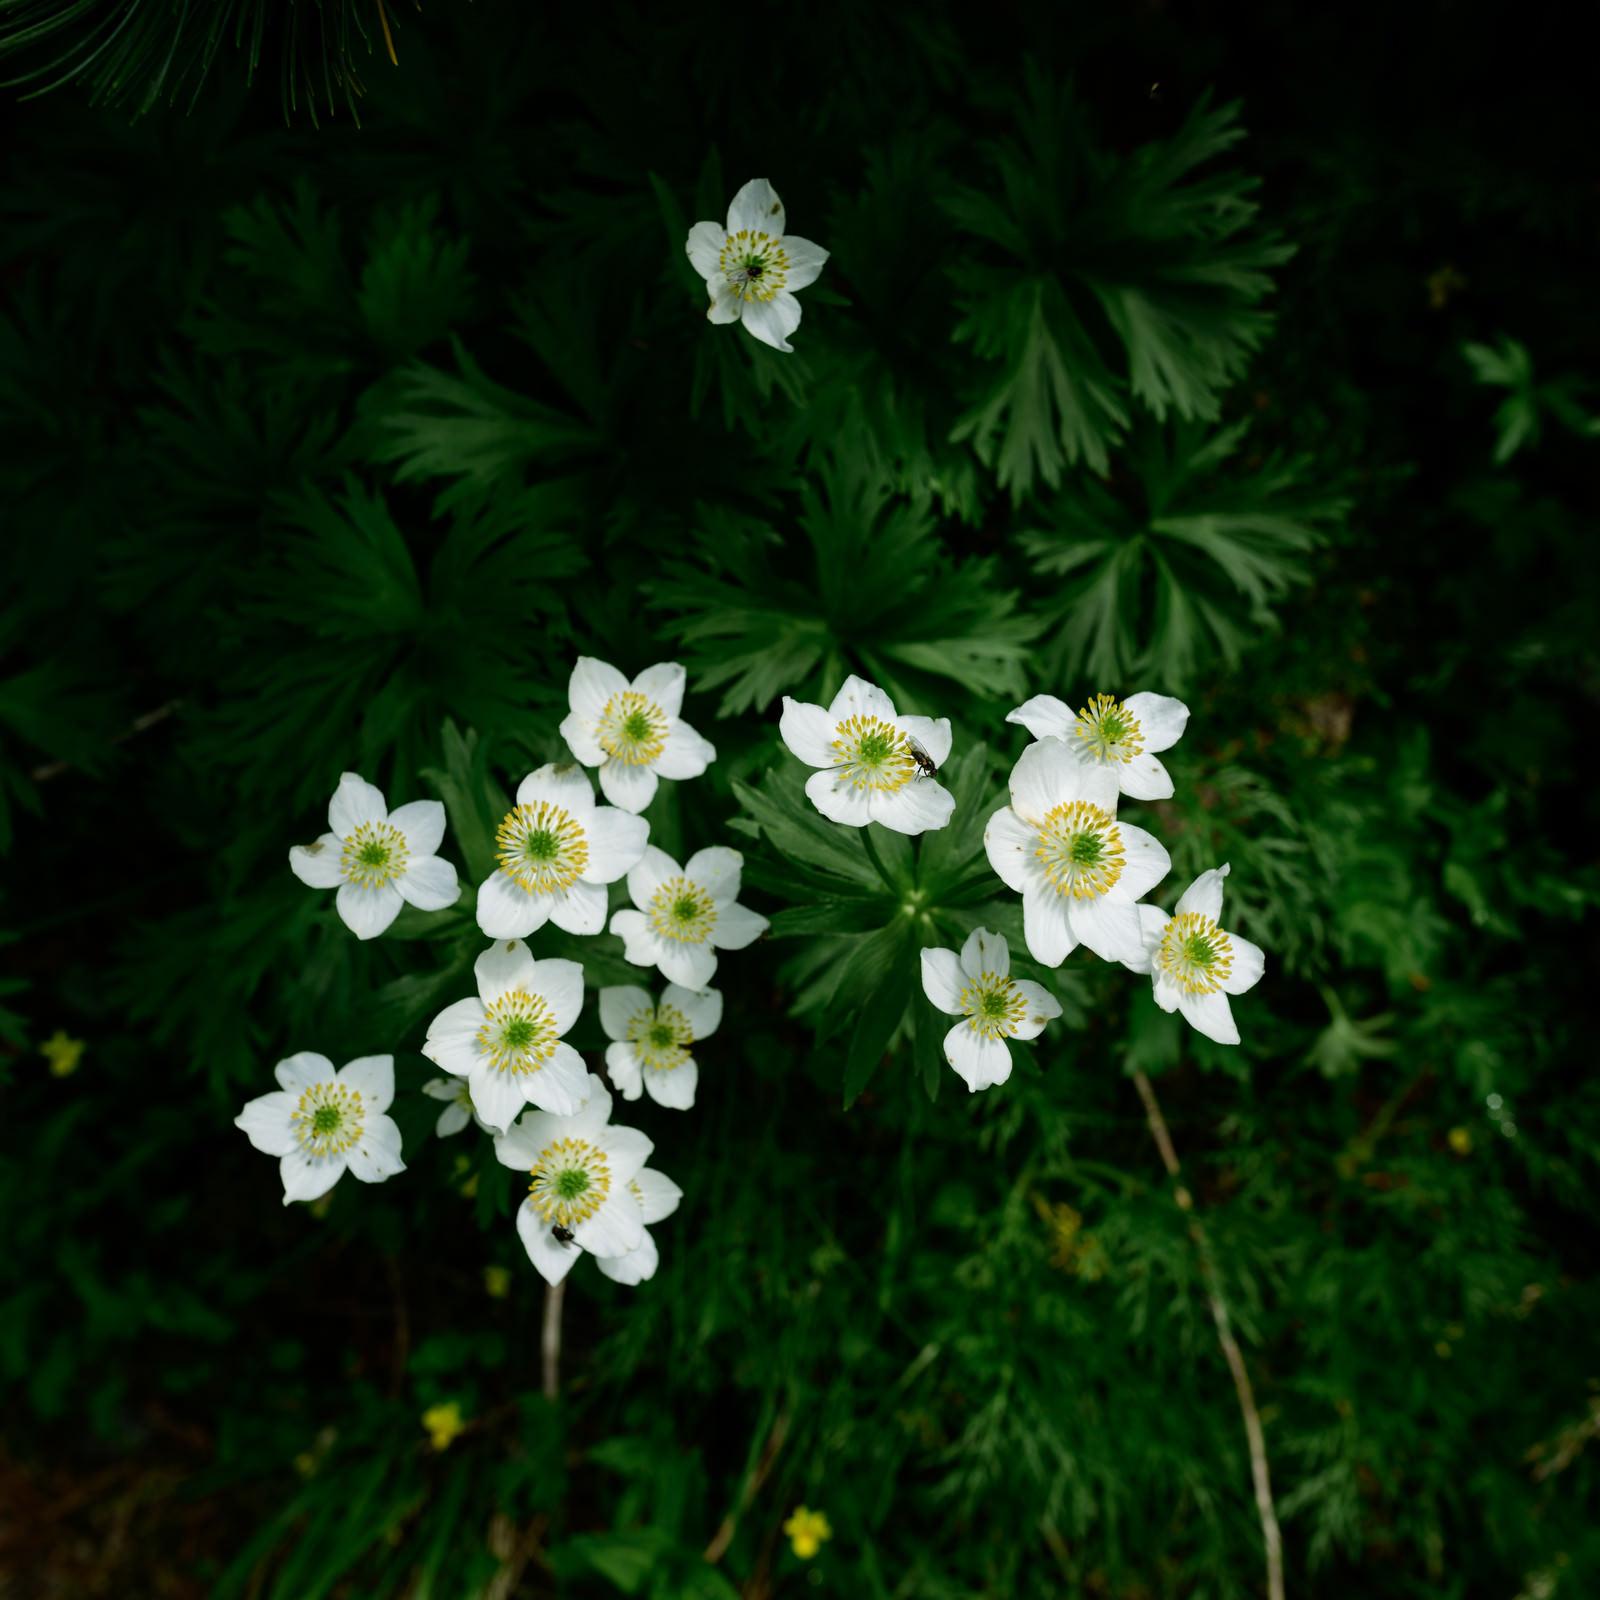 「ハクサンイチゲの花(高山植物)」の写真